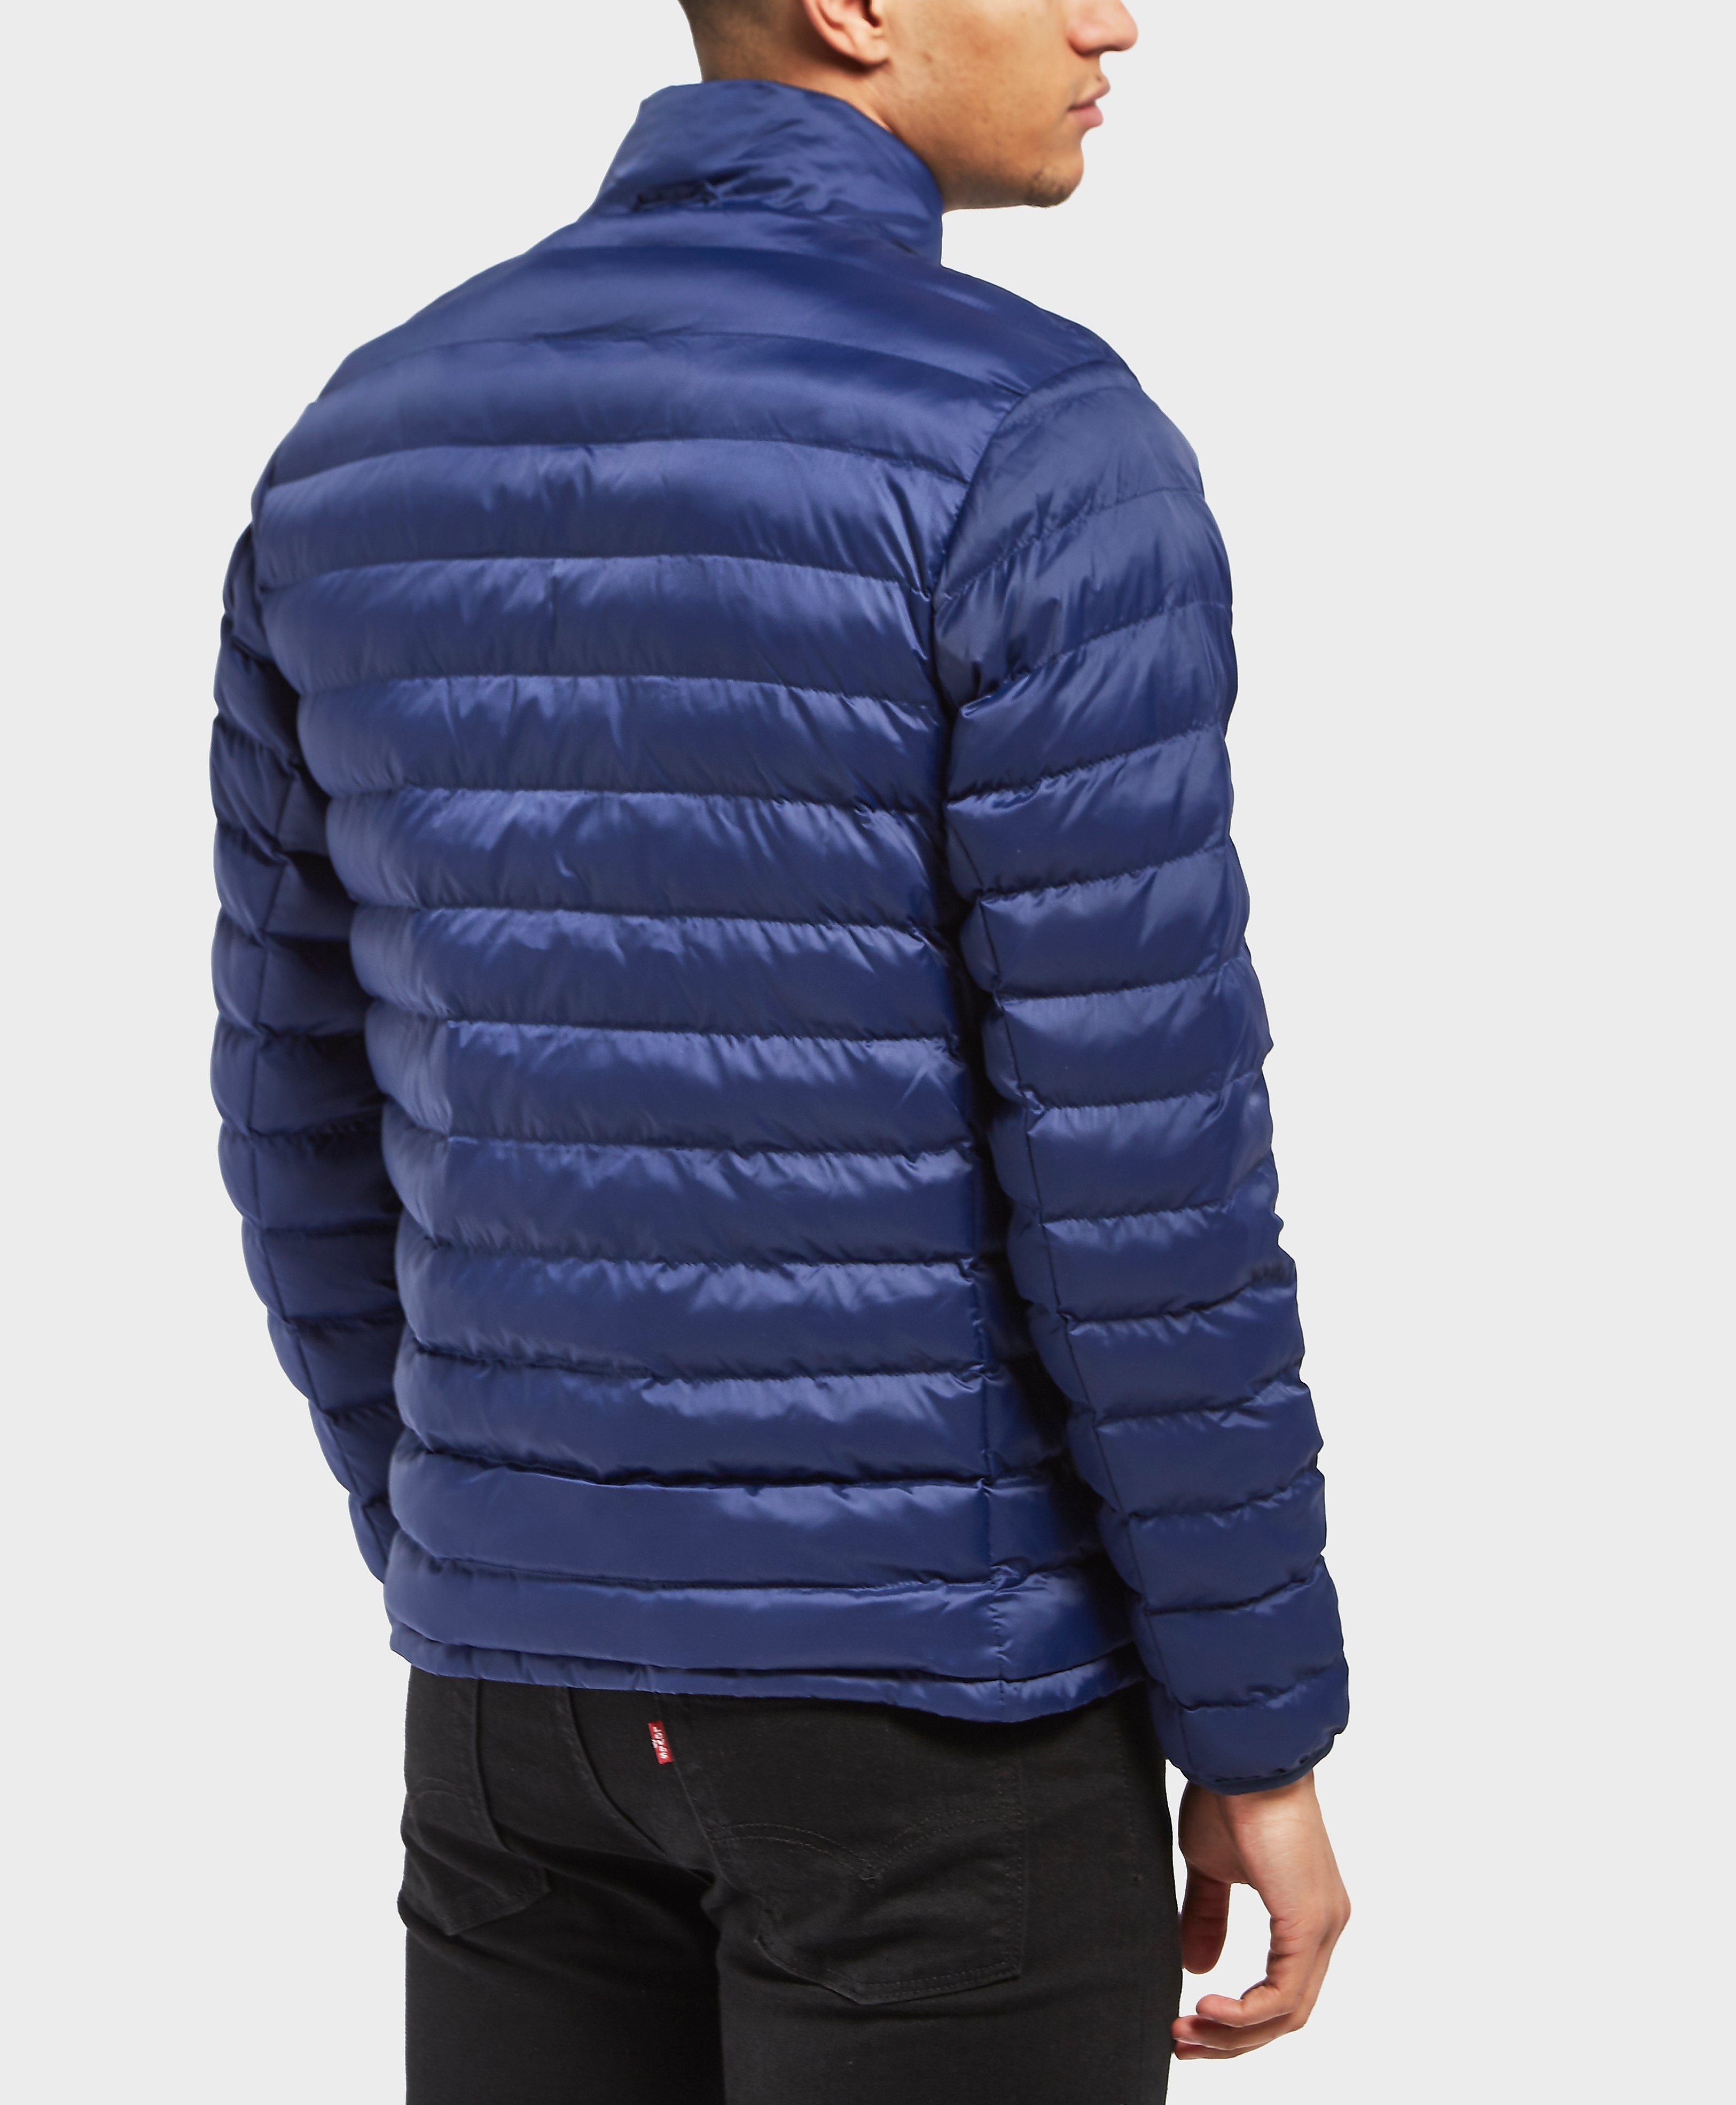 Barbour International Impeller Quilted Jacket